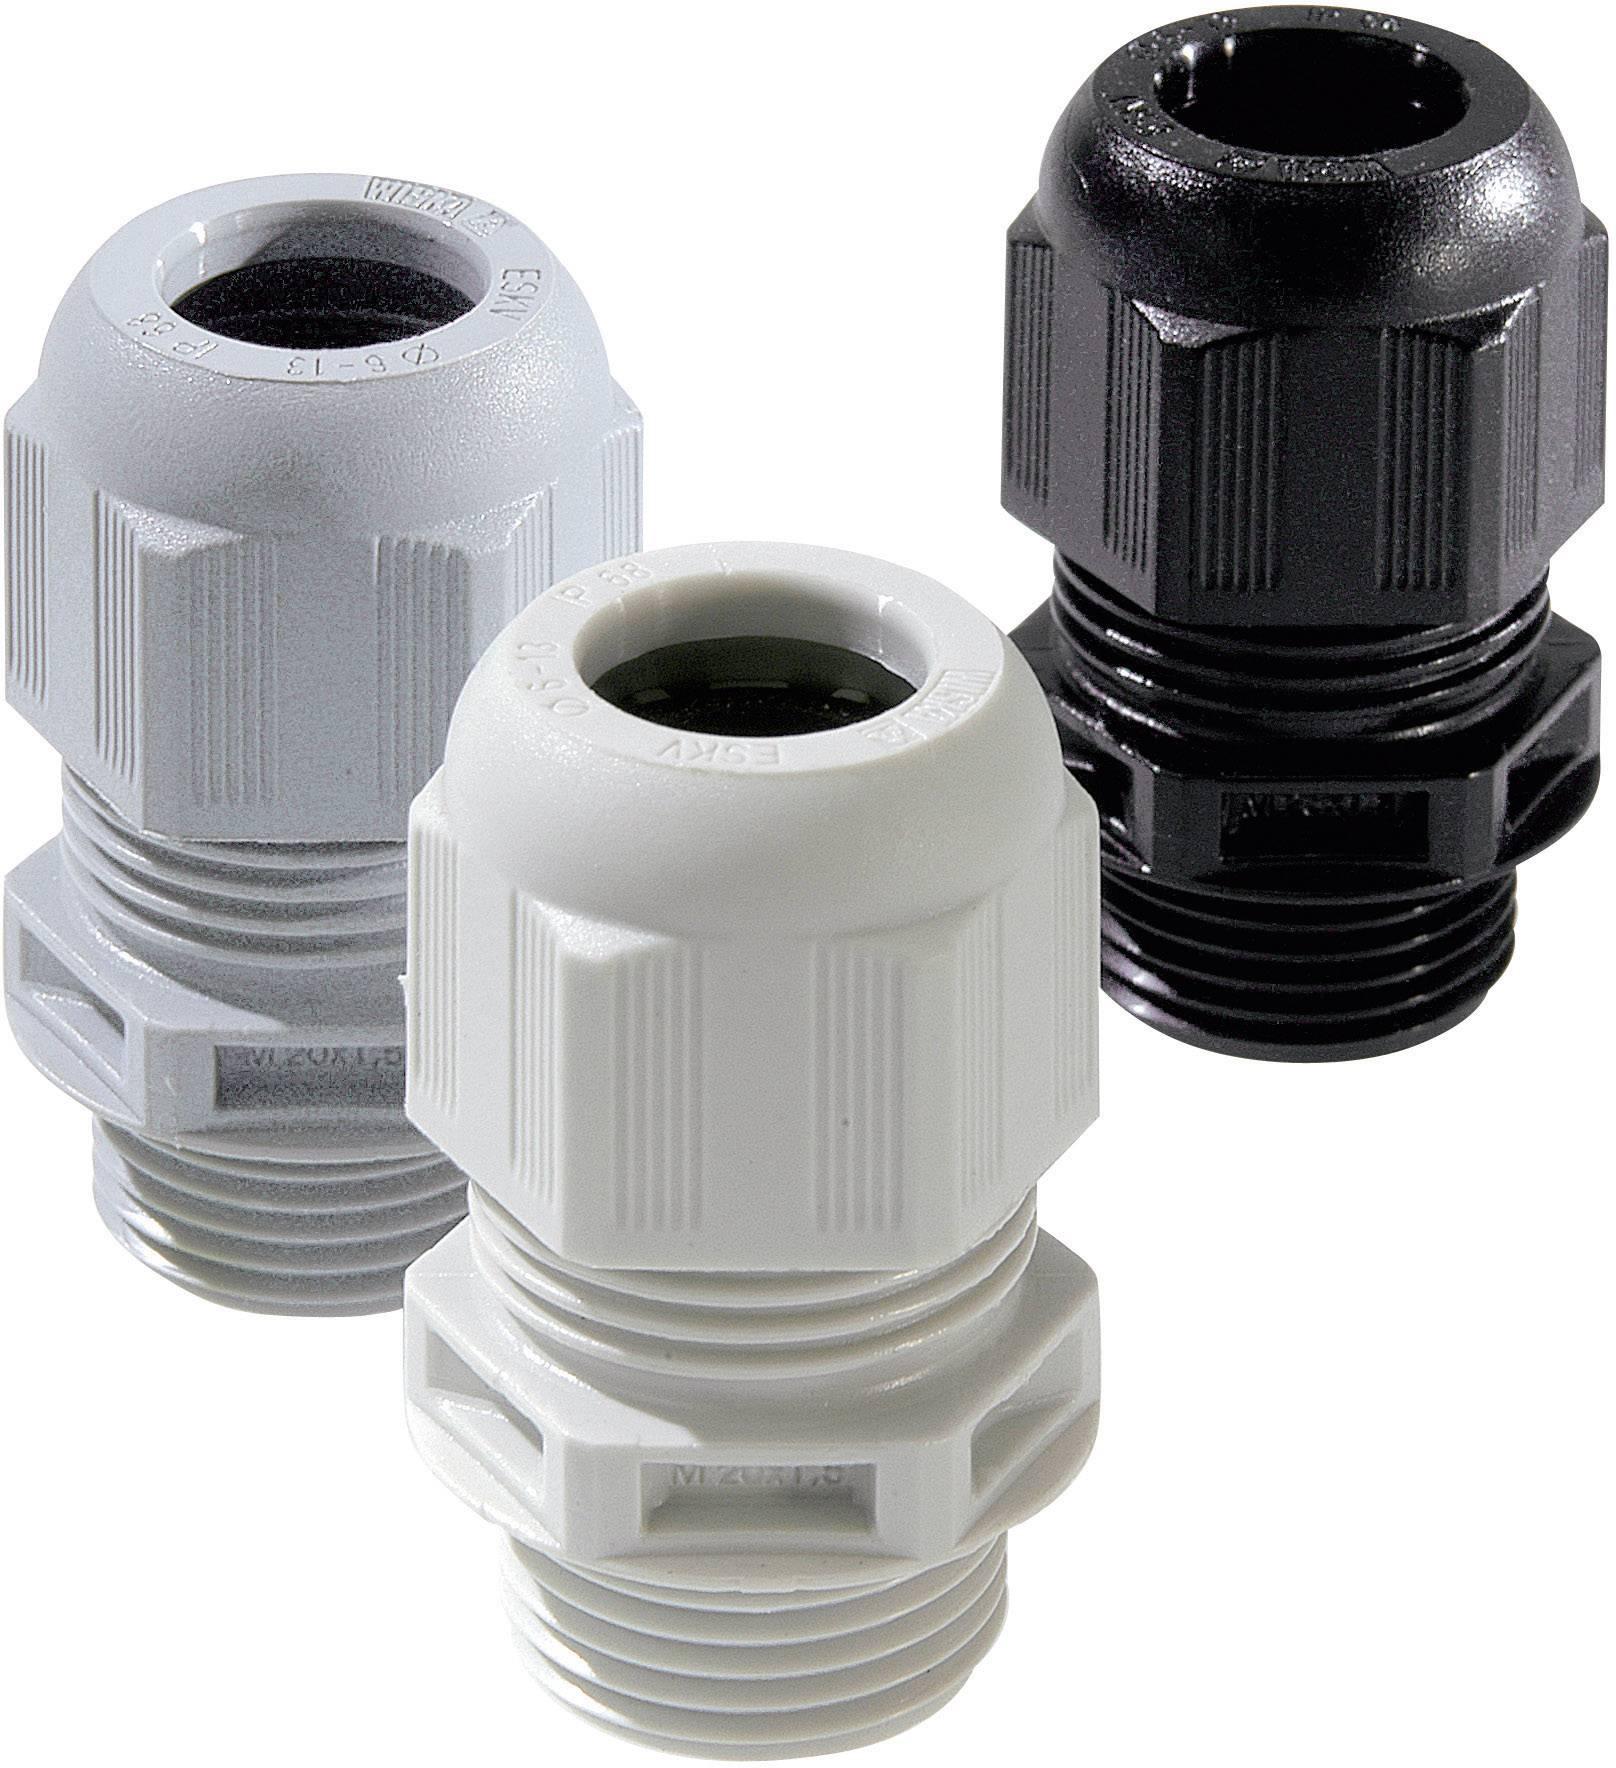 Káblová priechodka Wiska ESKV M63 RAL 9005, polyamid, čierna, 1 ks